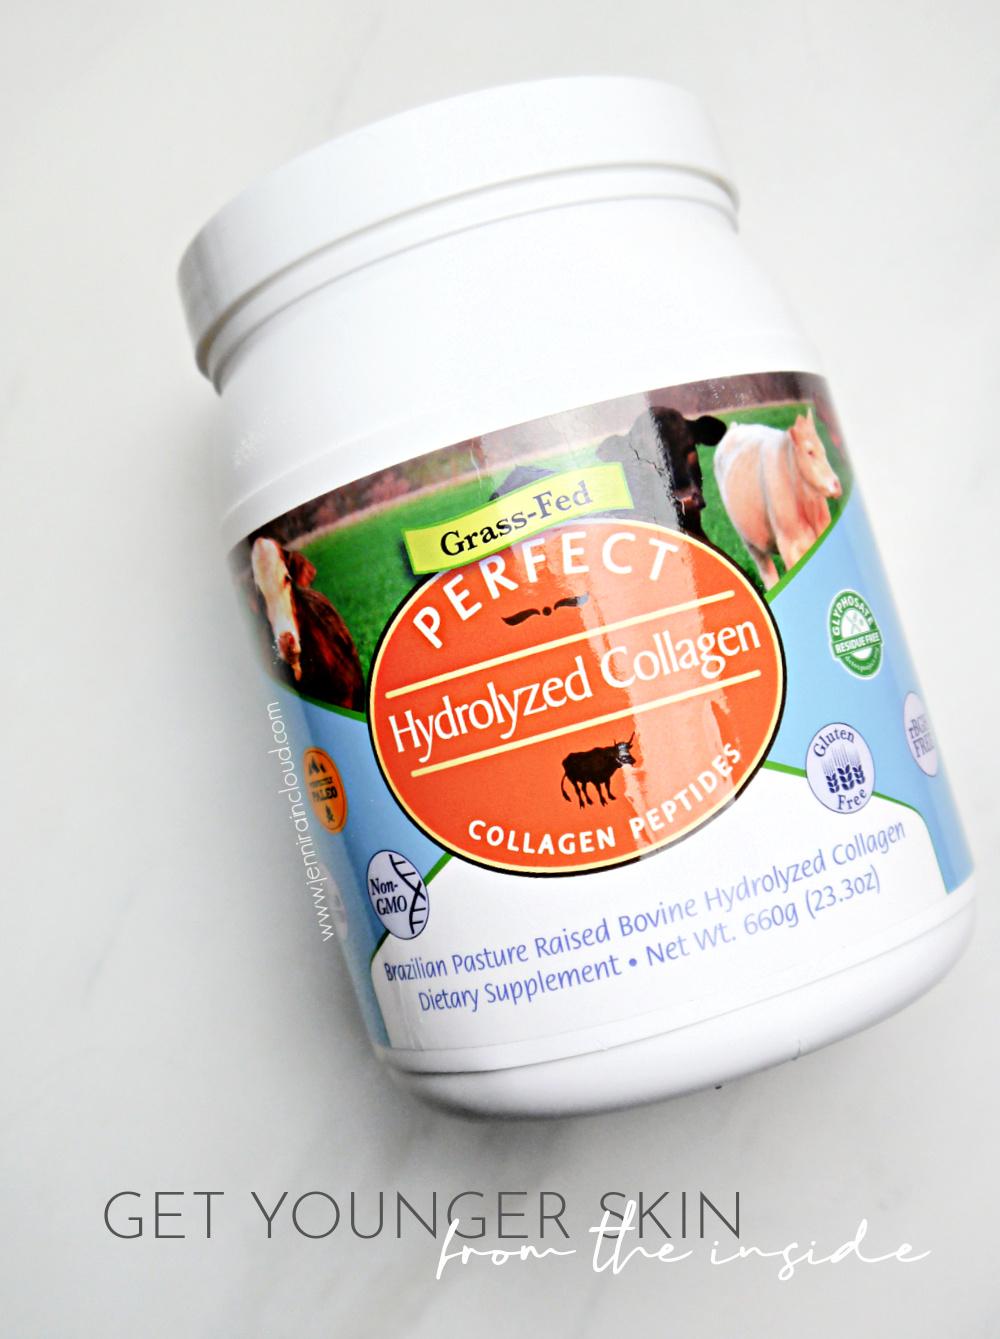 Skin Benefits of Collagen Powder